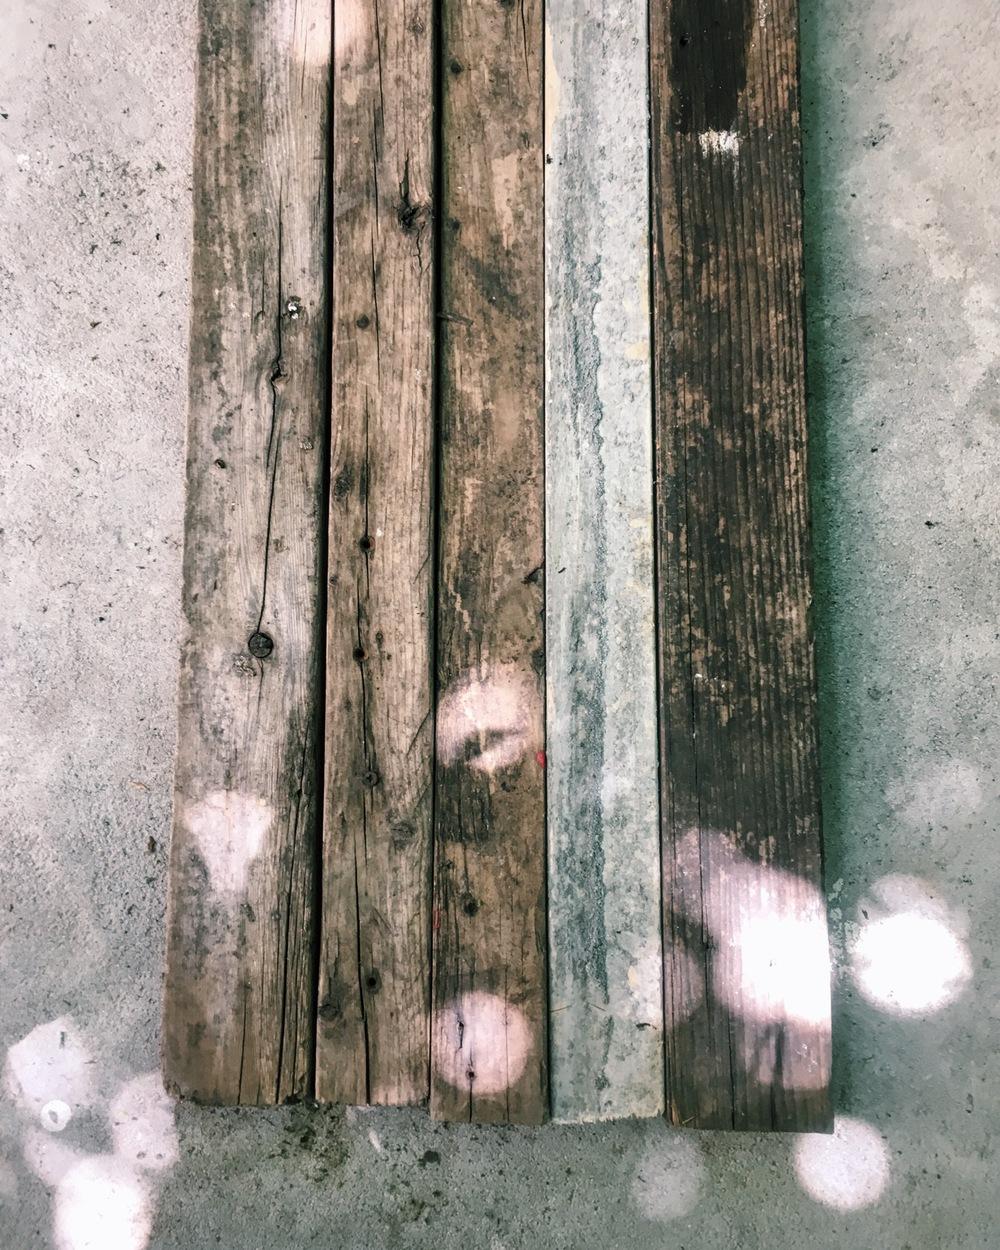 ロン毛と坊主とニューヨーク DIY バーテーブル ヴィンテージ家具 Home Depot